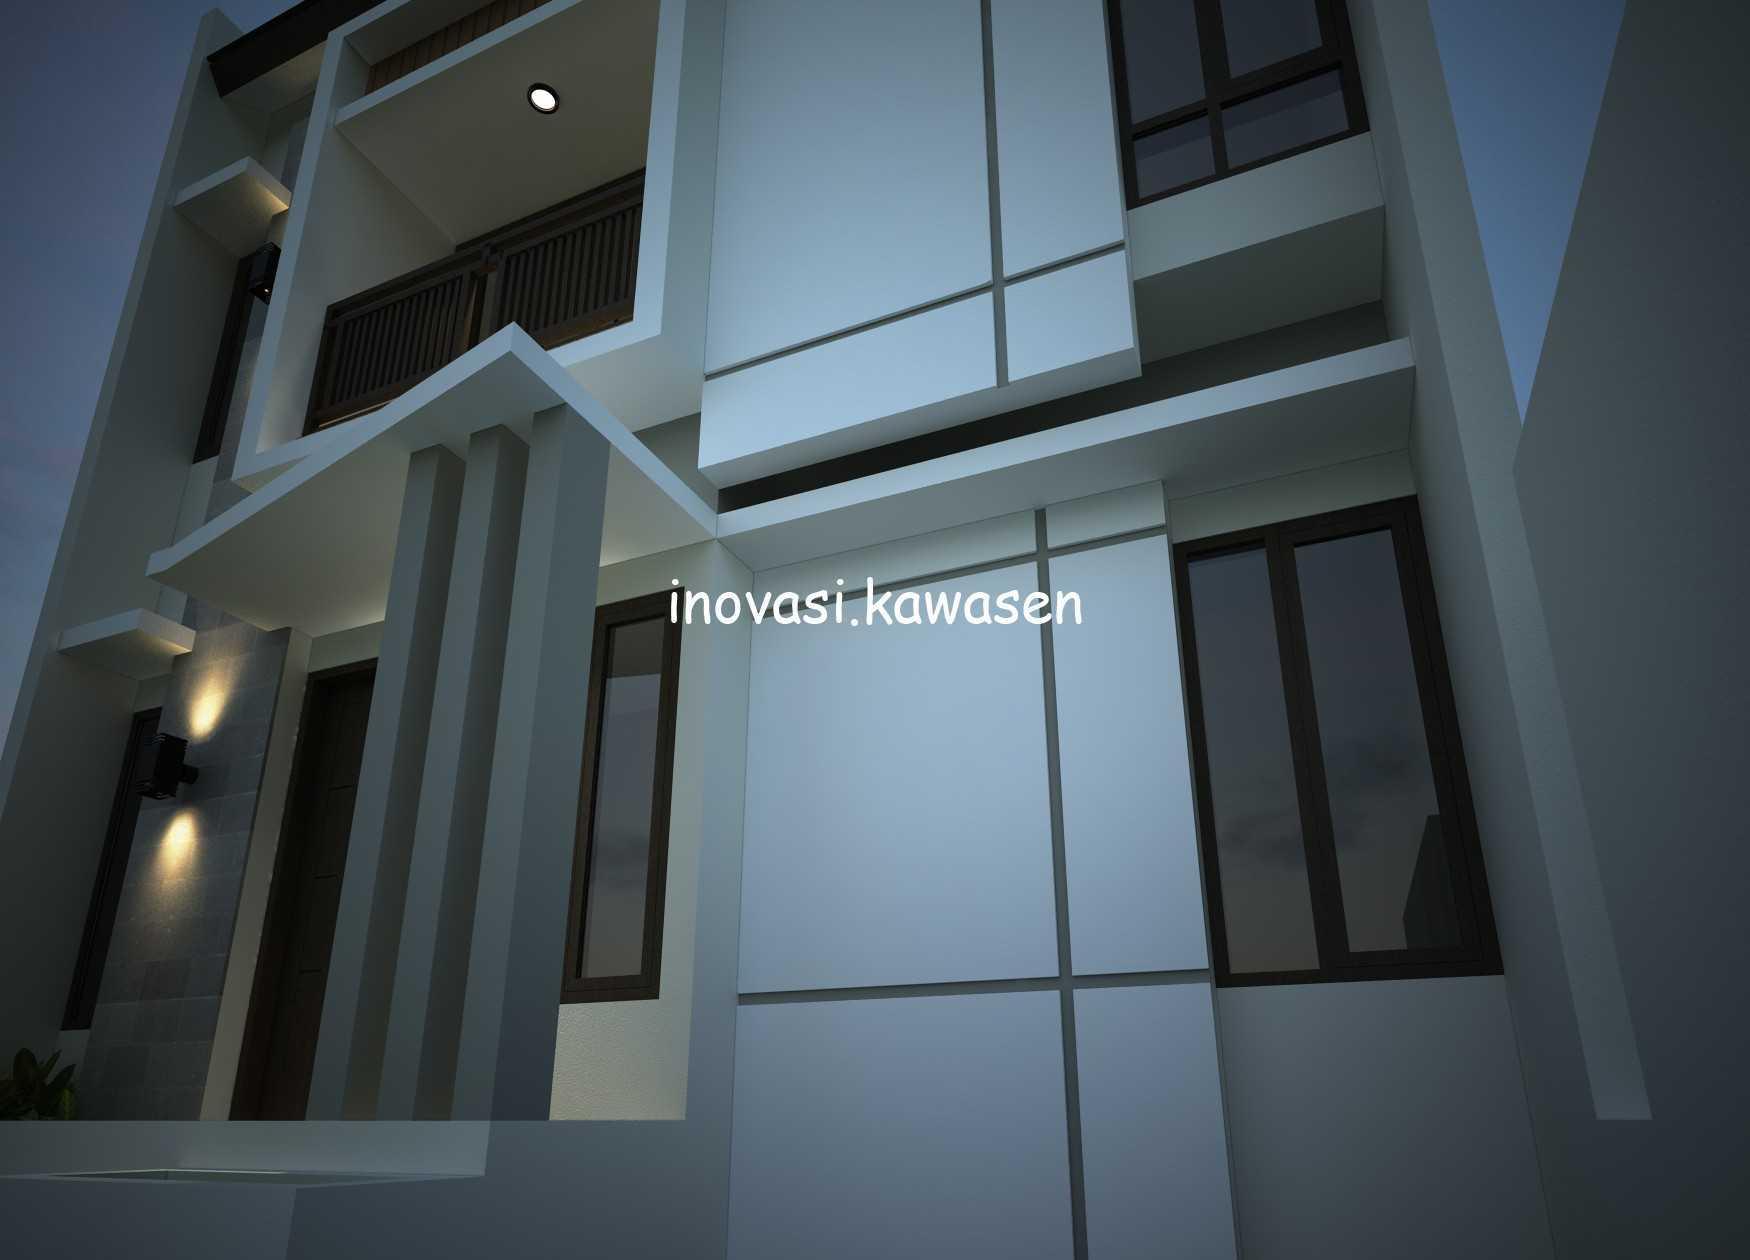 Inovasi Kawasen Renovasi Rumah Type 45 ( Desain ) Kota Depok, Jawa Barat, Indonesia Kota Depok, Jawa Barat, Indonesia Inovasi-Kawasen-Renovasi-Rumah-Type-45-Desain-   89833